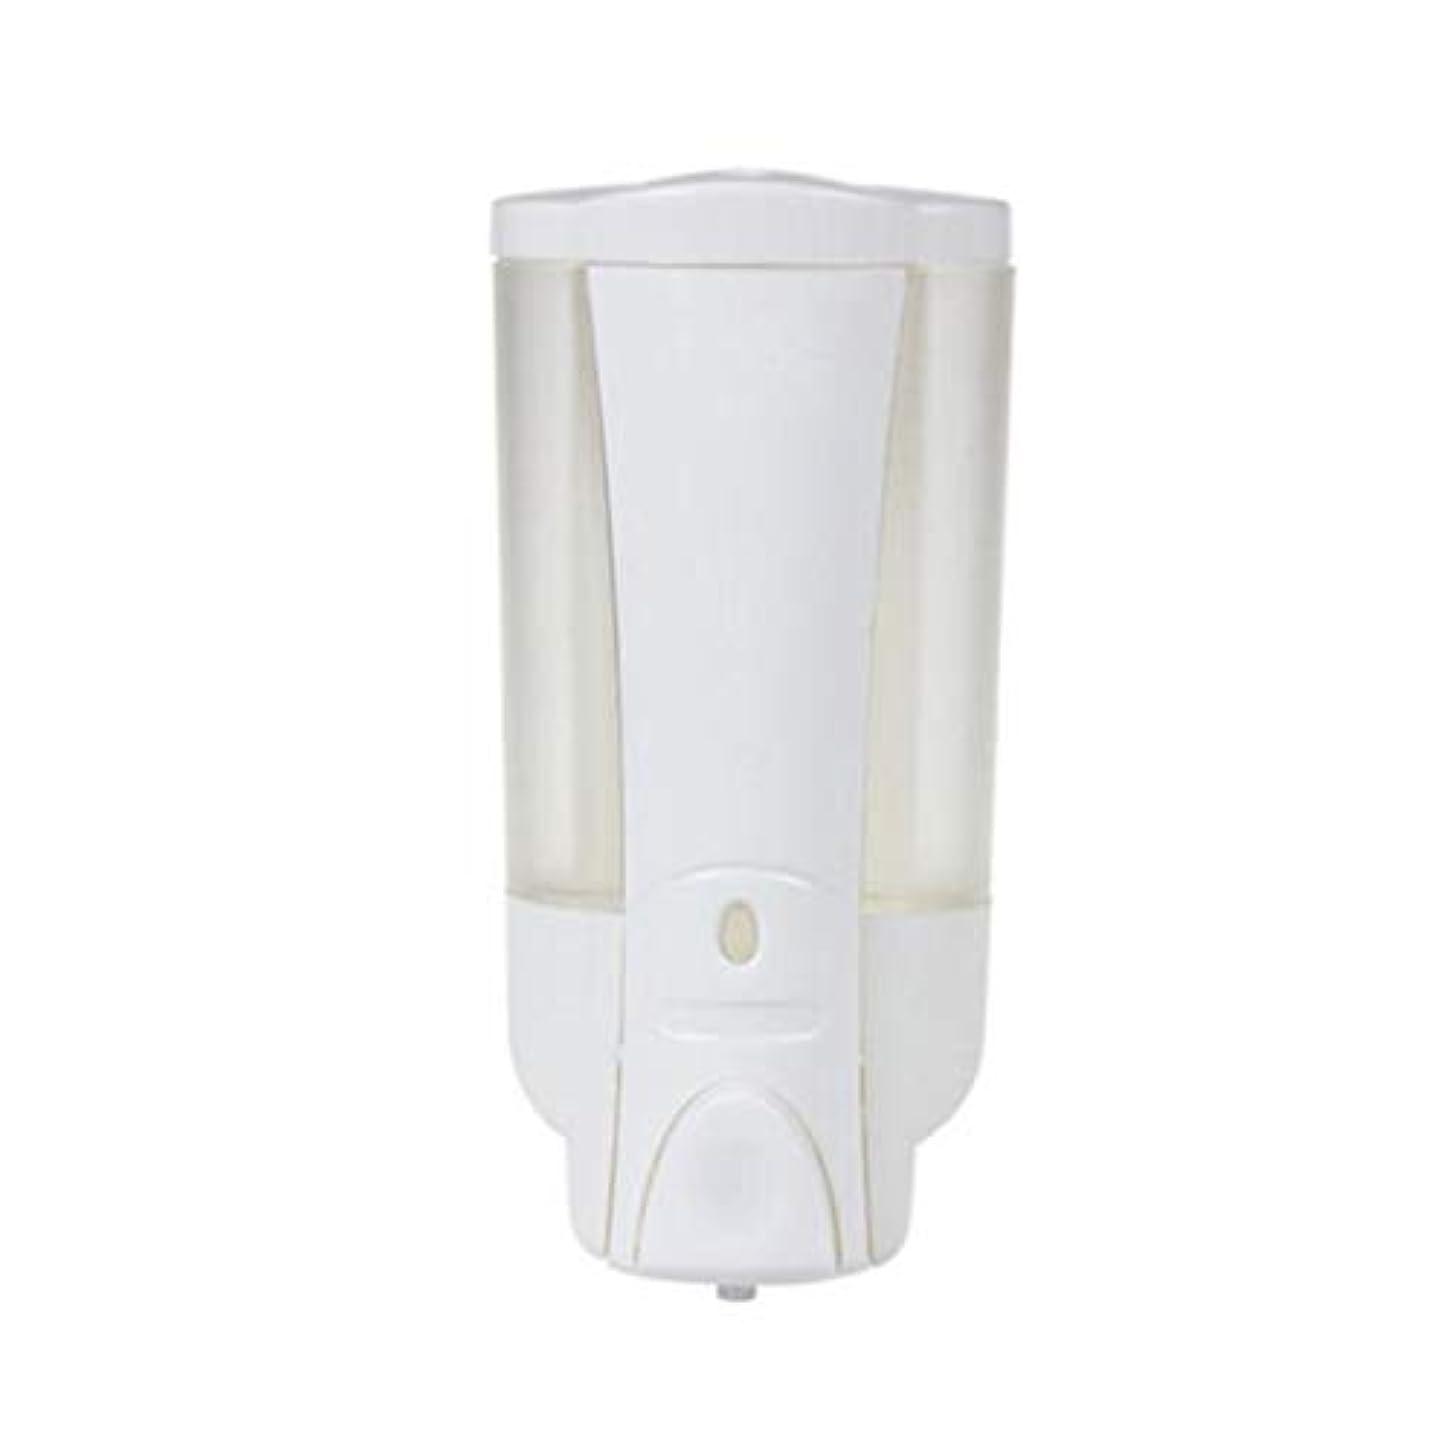 ハッチ思いつくスプーンKylinssh 泡立つ石鹸ディスペンサー450ml容量、石鹸、DIY液体石鹸、皿石鹸、ボディウォッシュなどに使用するための空のプラスチック液体石鹸ポンプボトル